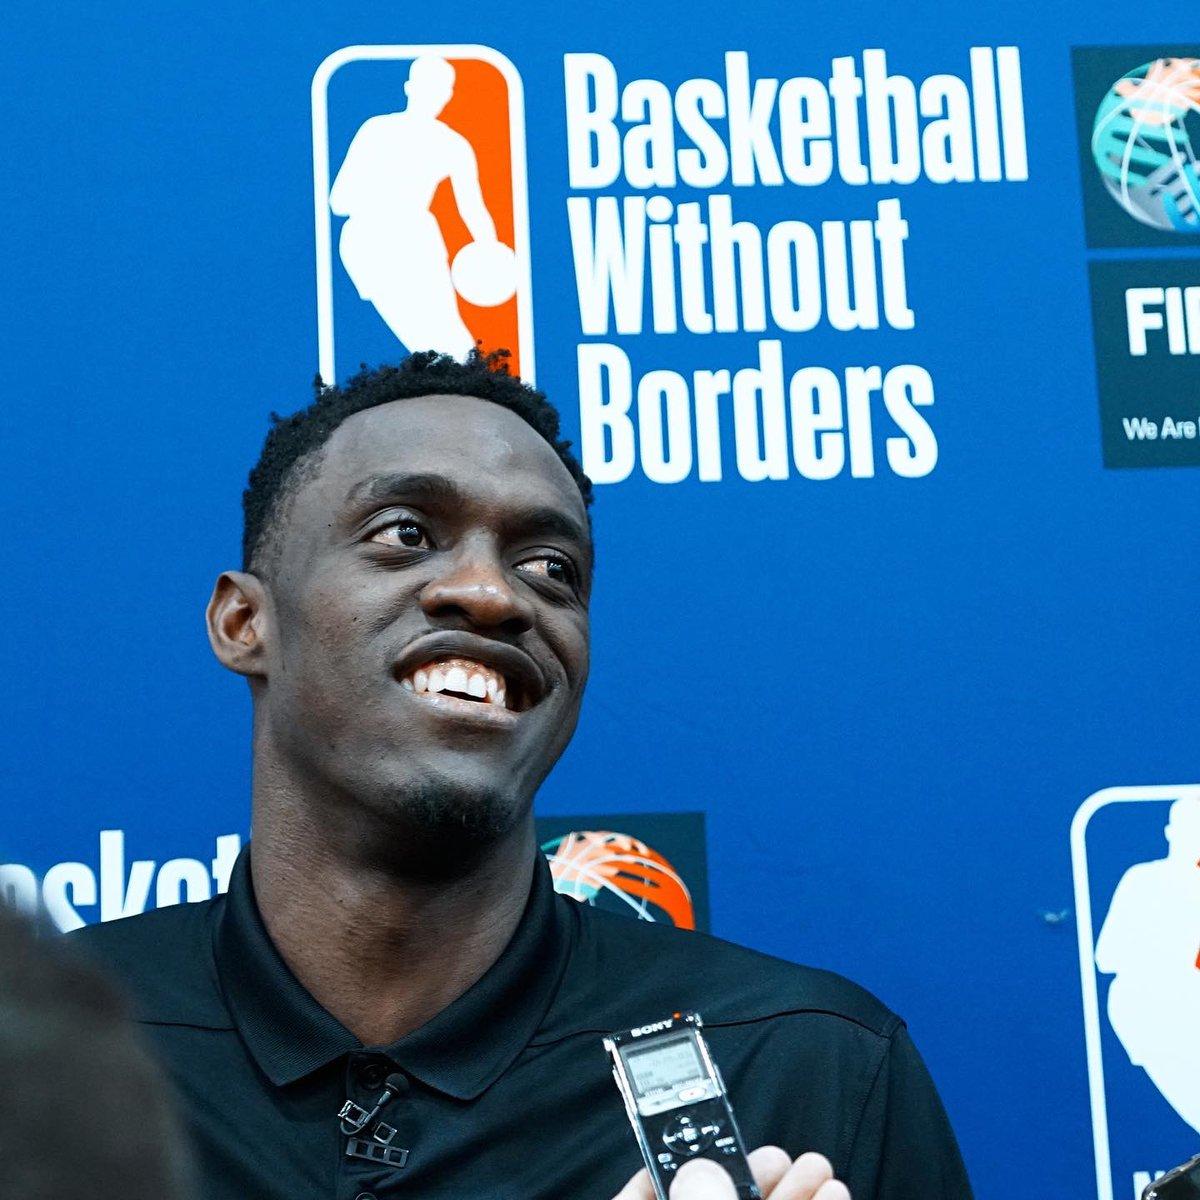 Basketball without borders 🙏🏾💯 #humblehustle🙏🏾👏🏾 #doingitforyou🙏🏾